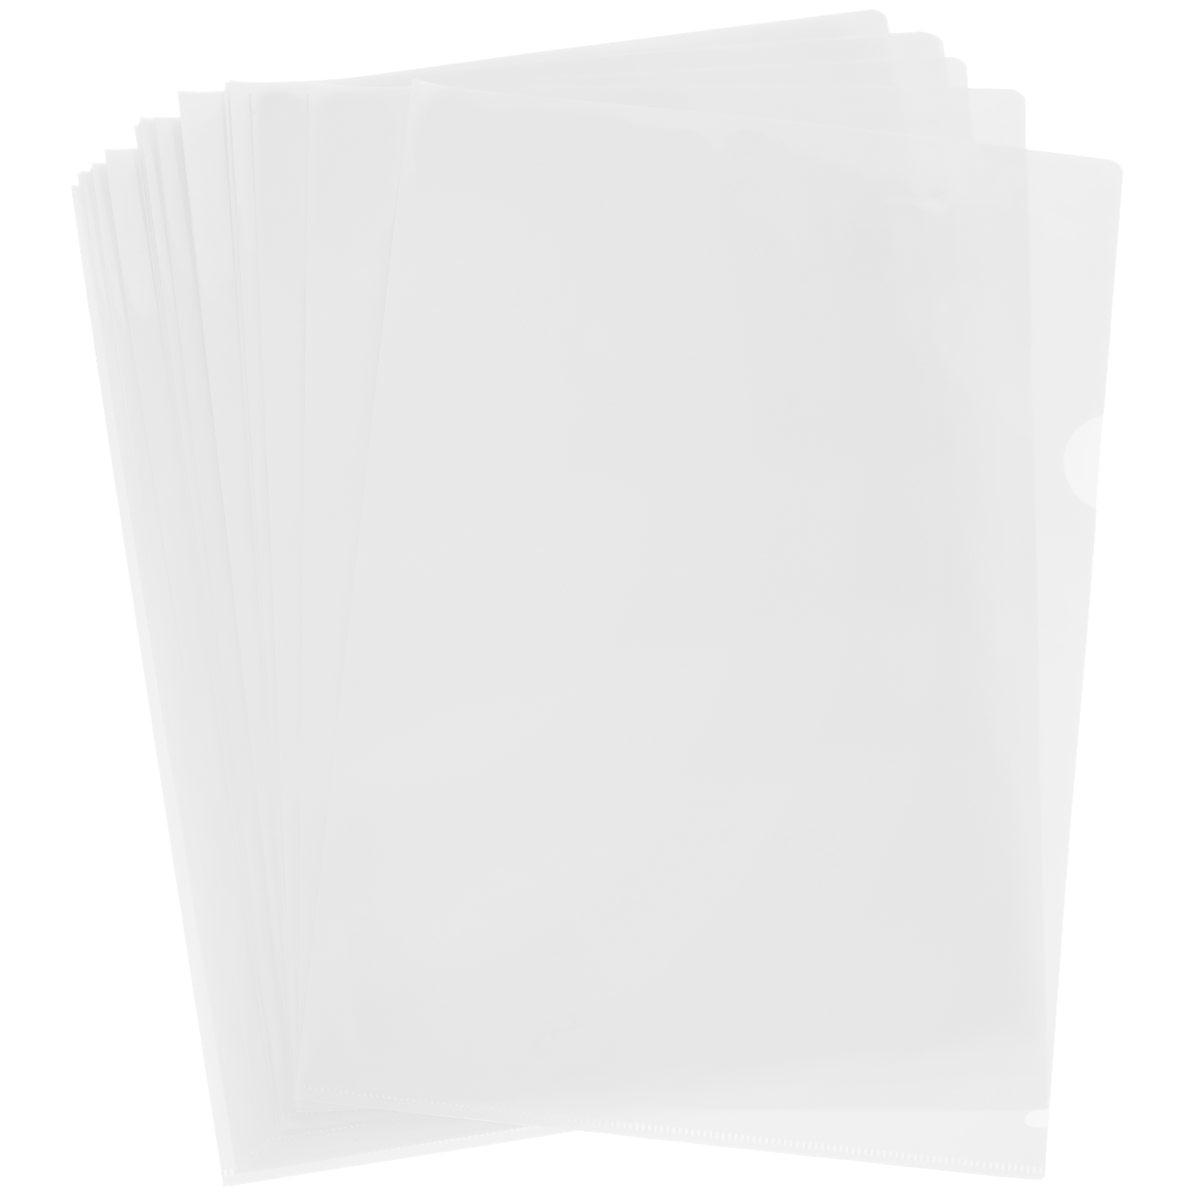 Папка-уголок Sponsor, цвет: прозрачный. Формат А4, 20 штSF208-2/TR/RПапка-уголок Sponsor, изготовленная из высококачественного полипропилена, это удобный и практичный офисный инструмент, предназначенный для хранения и транспортировки рабочих бумаг и документов формата А4. Полупрозрачная глянцевая папка имеет опрятный и неброский вид. В наборе - 20 папок. Папка-уголок - это незаменимый атрибут для студента, школьника, офисного работника. Такая папка надежно сохранит ваши документы и сбережет их от повреждений, пыли и влаги. Комплектация: 20 шт.